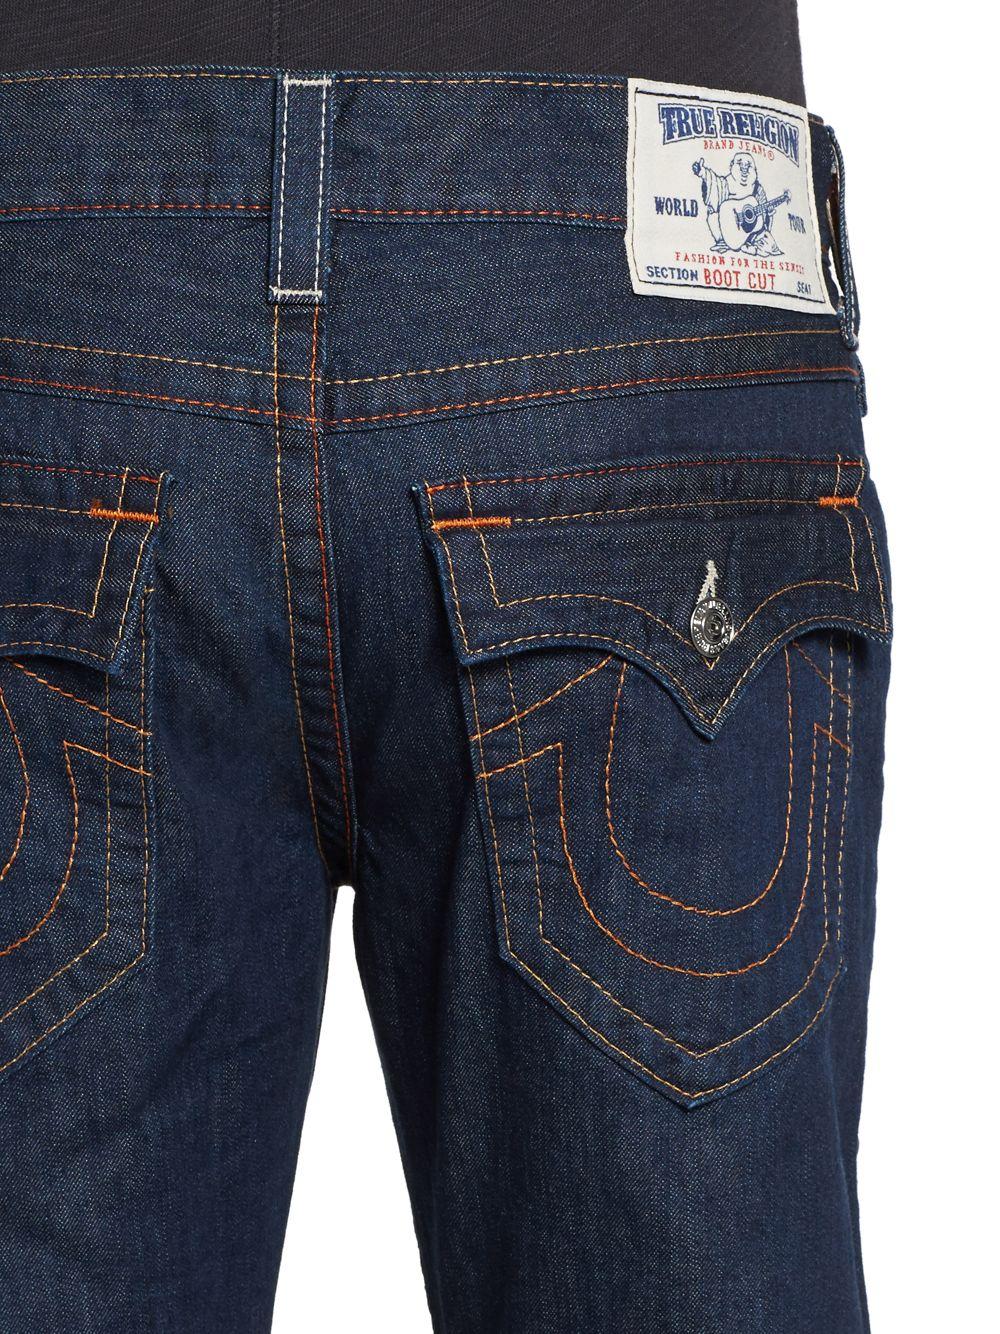 9bc8c7448 True Religion Bootcut Dark Wash Denim Jeans in Blue for Men - Lyst